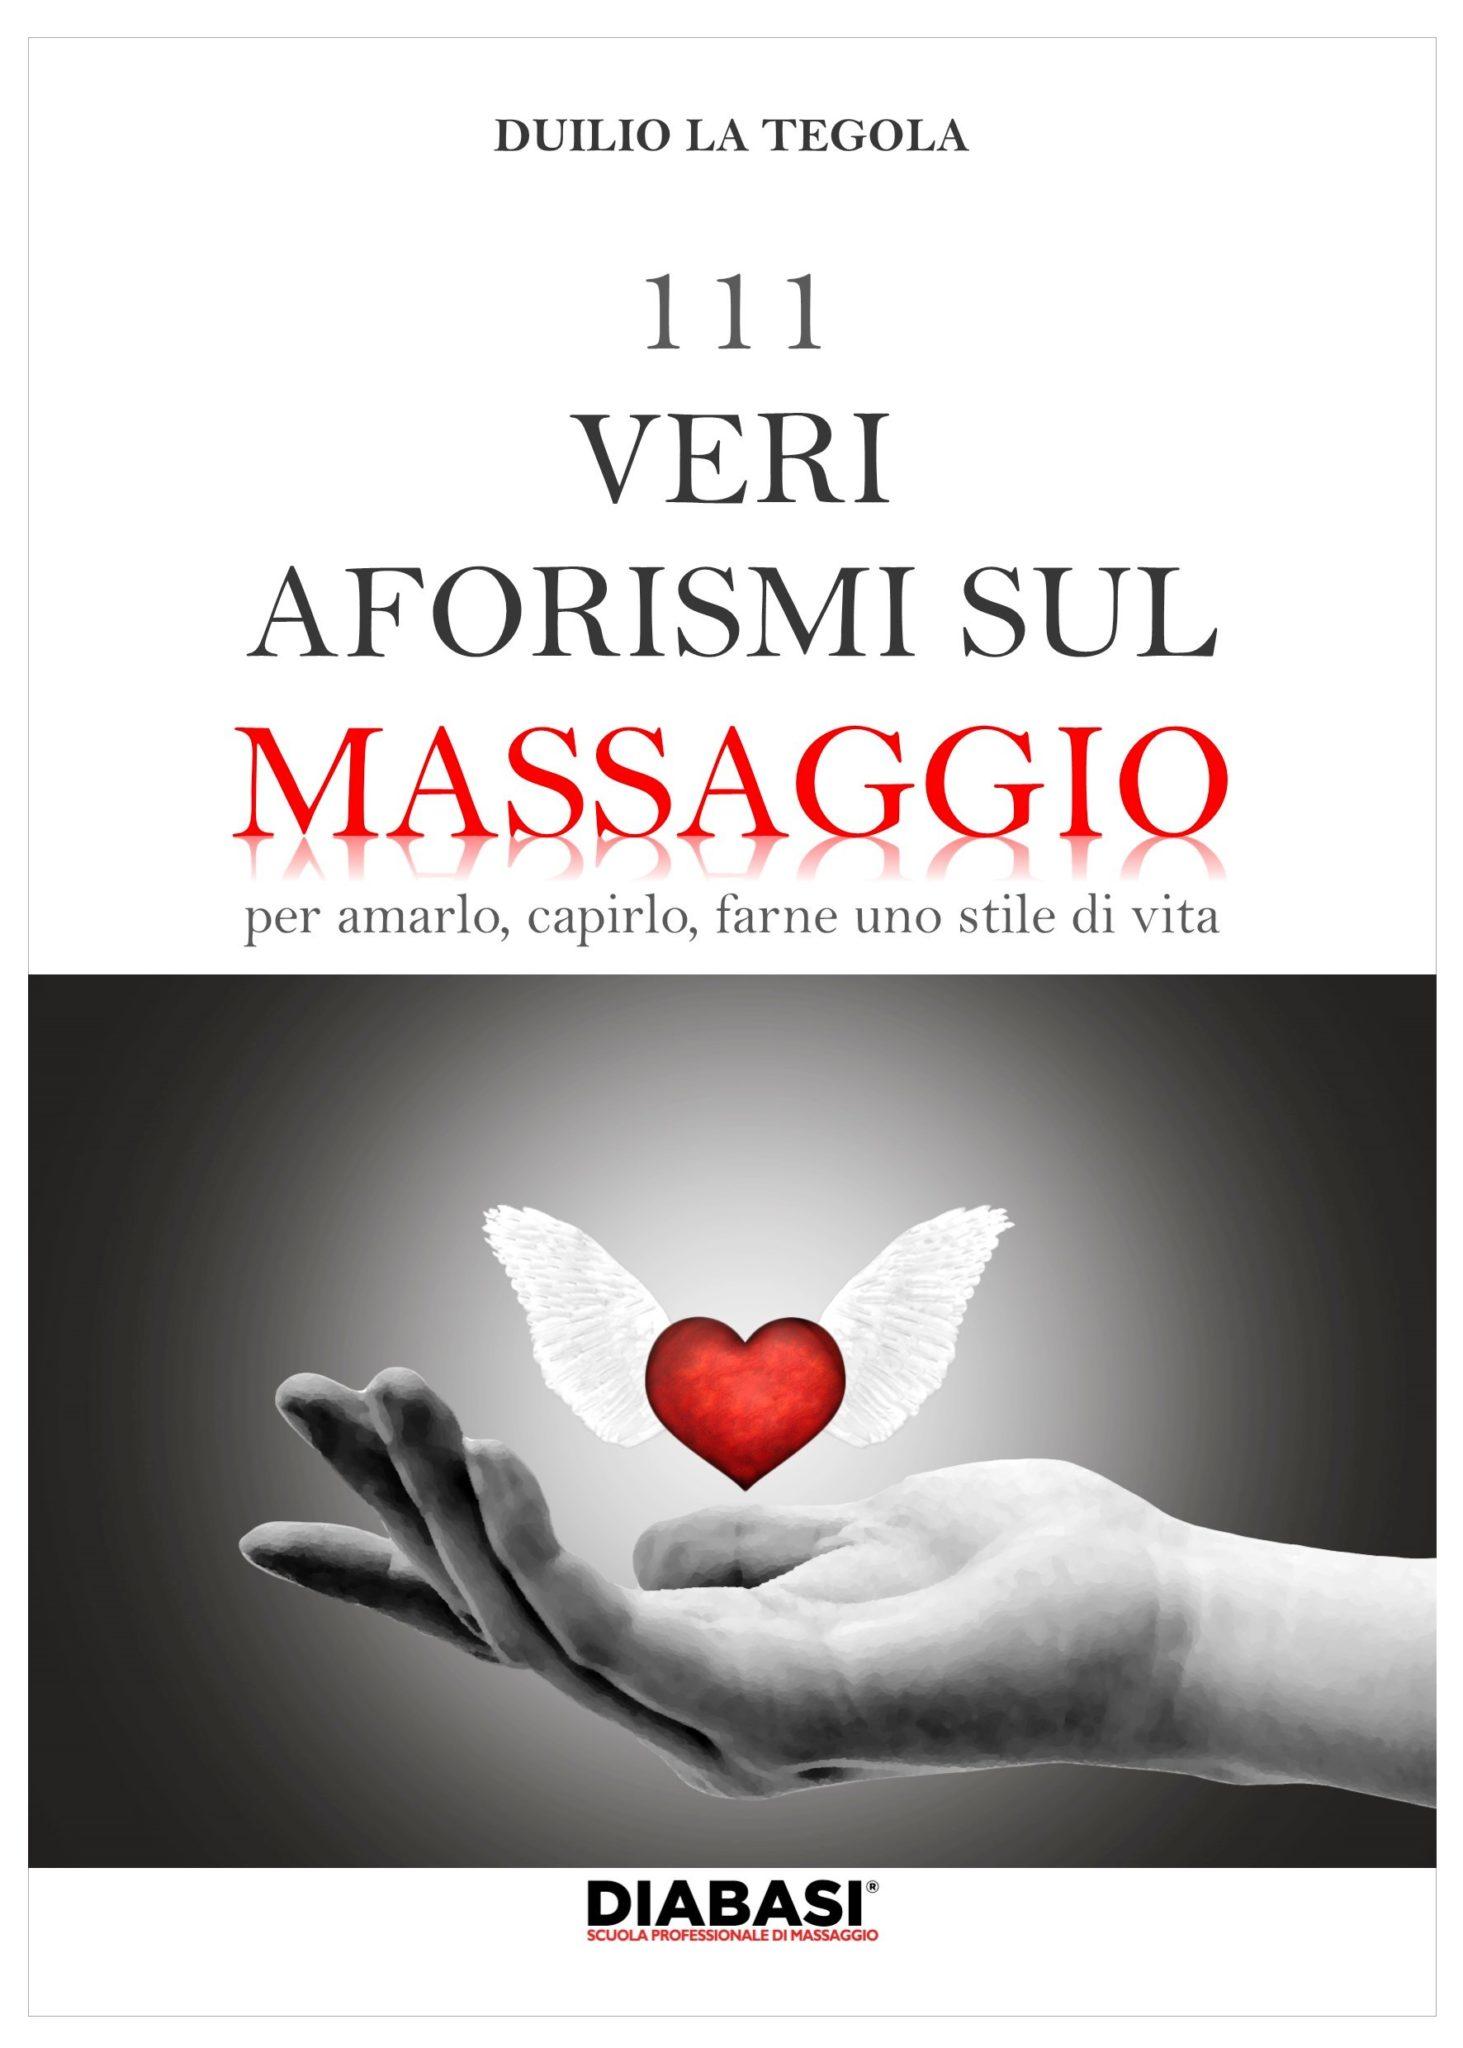 111 Veri Aforismi Sul Massaggio Di Duilio La Tegola Buongiorno Online